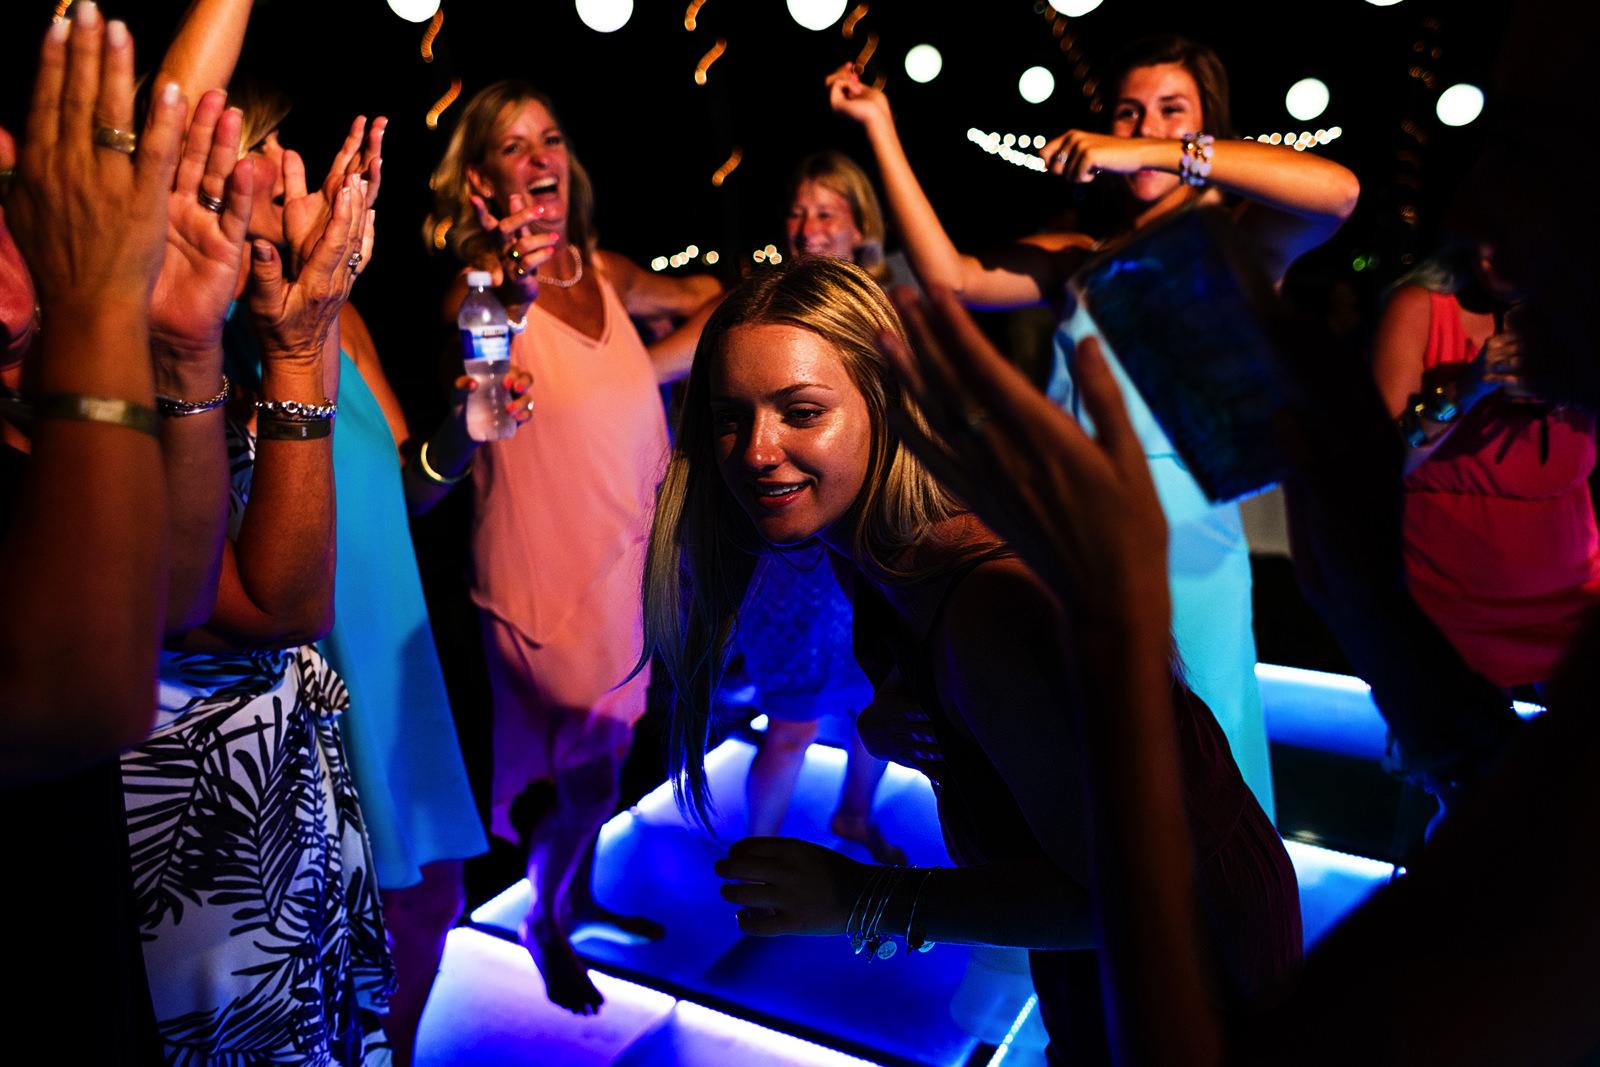 dance-floor-puerto-vallarta-martoca-lights